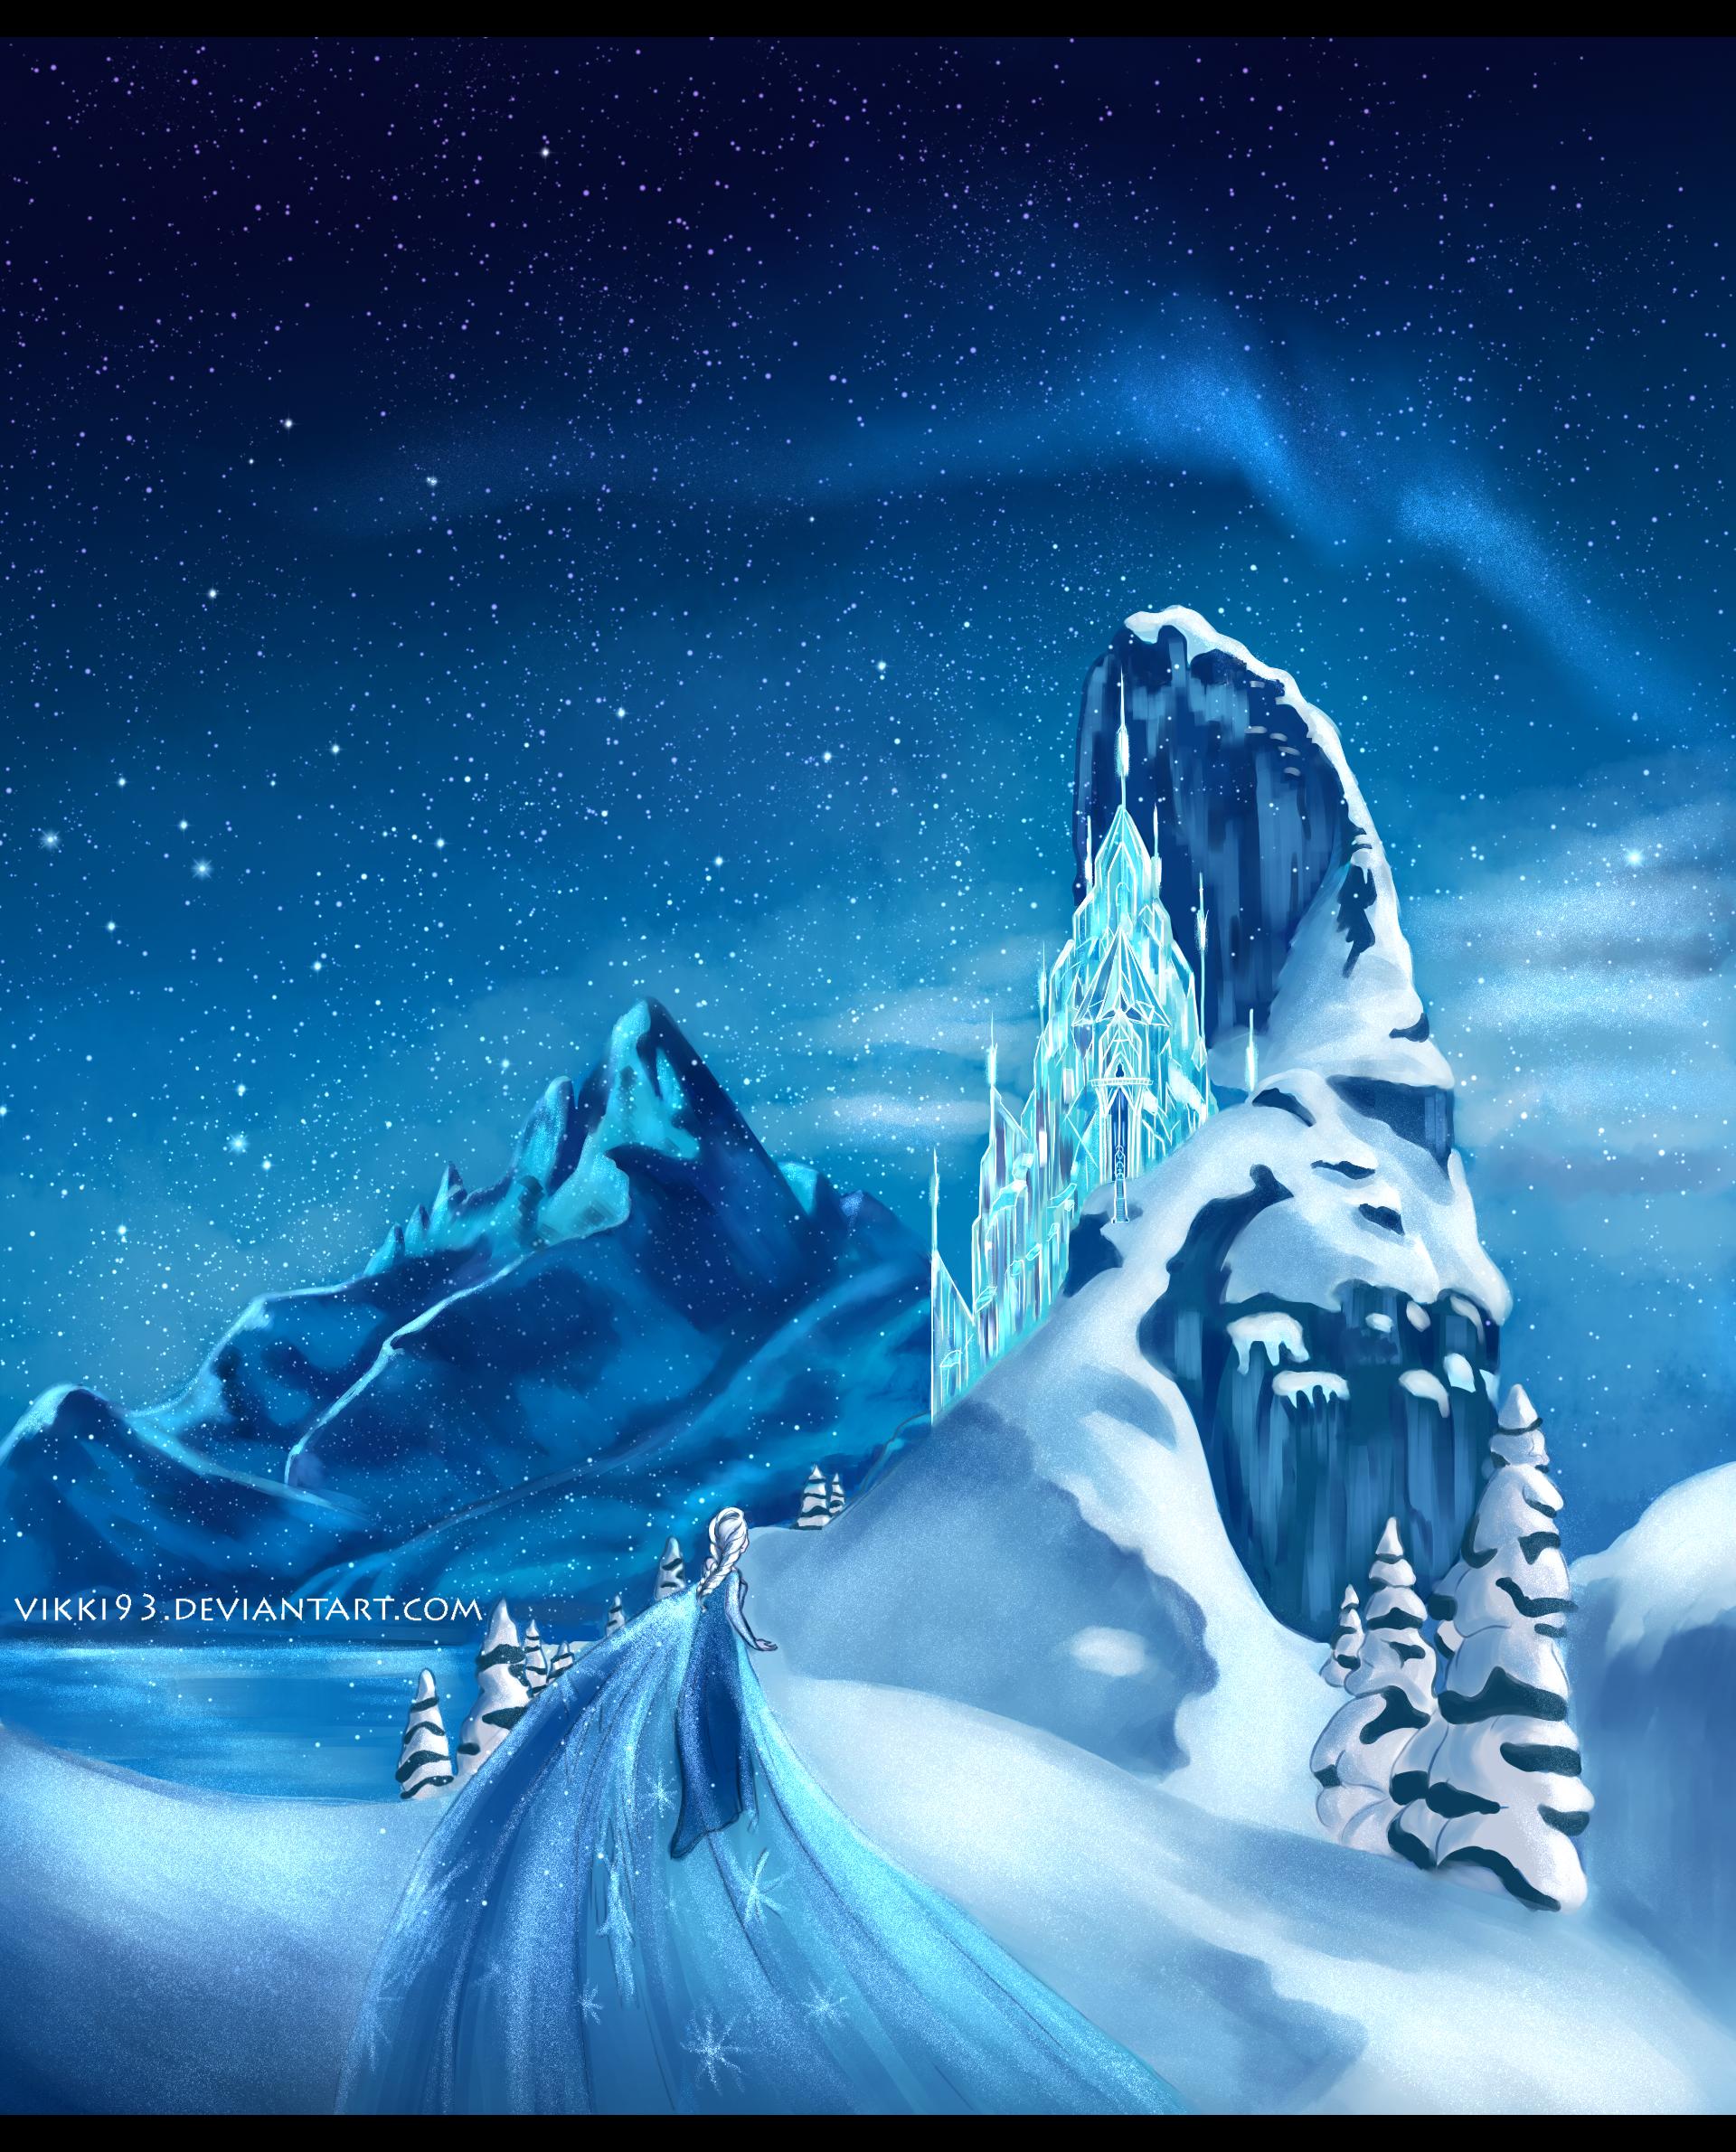 Frozen by Vikki93 on DeviantArt